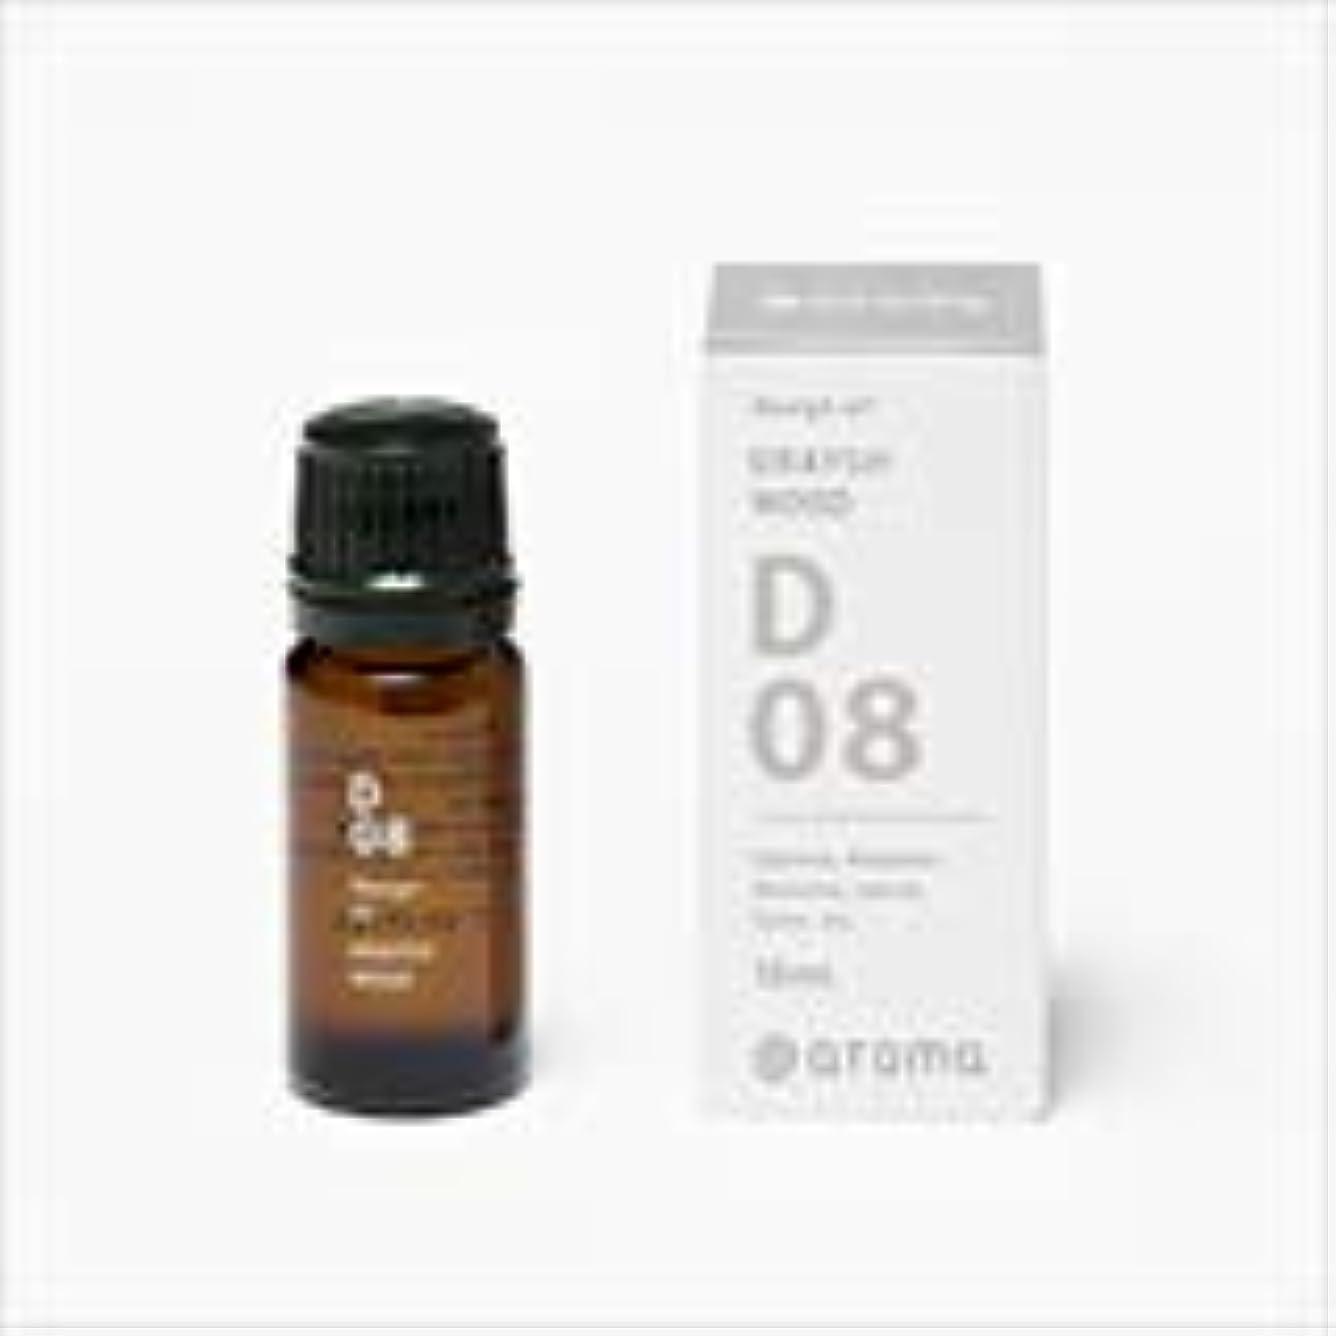 市民権まだ日光アットアロマ 100%pure essential oil <Design air サニーデイ>